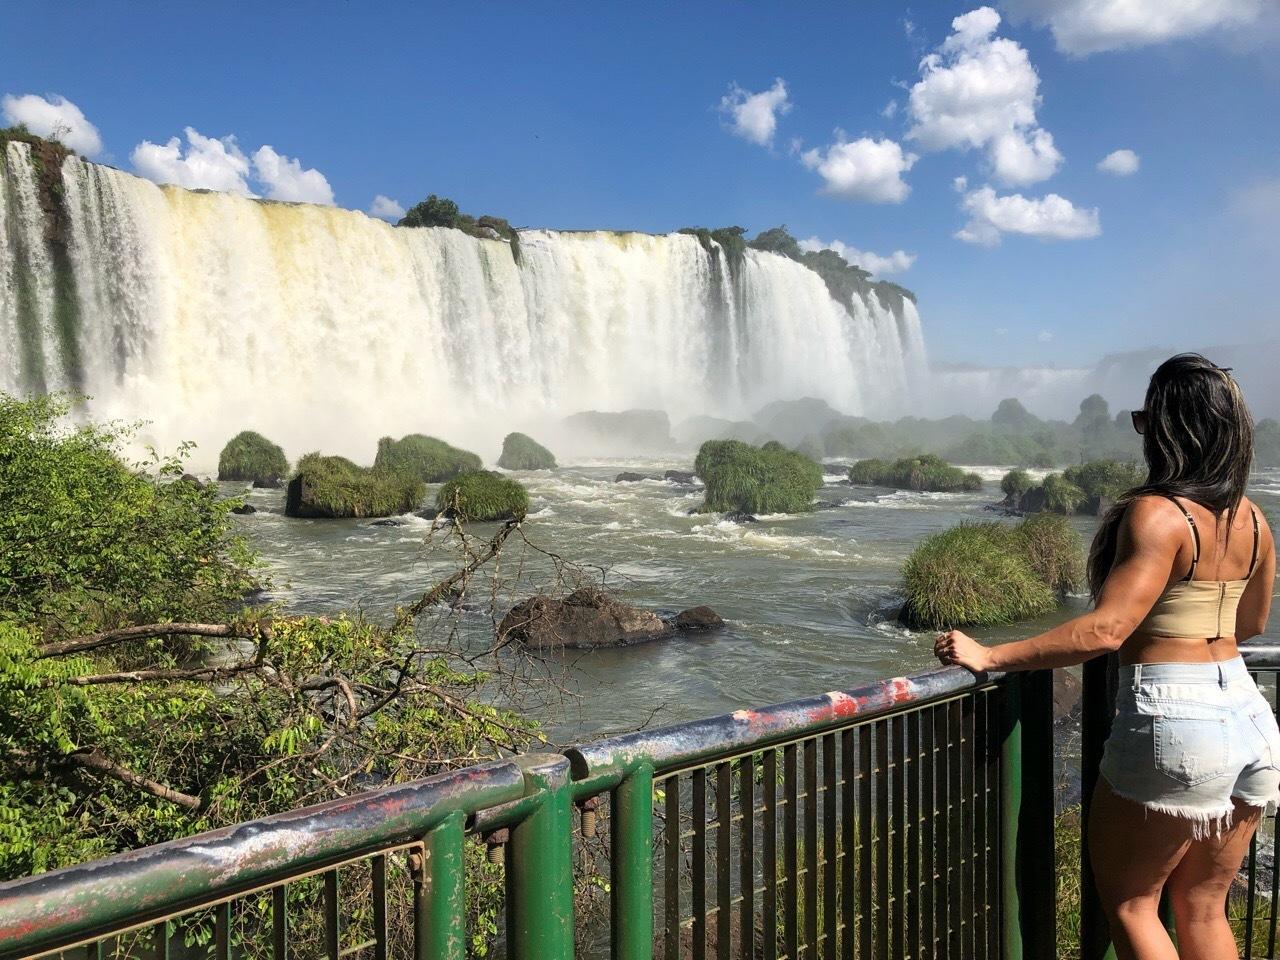 中南米の旅/59 フロリアーノ滝でびしょ濡れ!@イグアス_a0092659_19035110.jpg